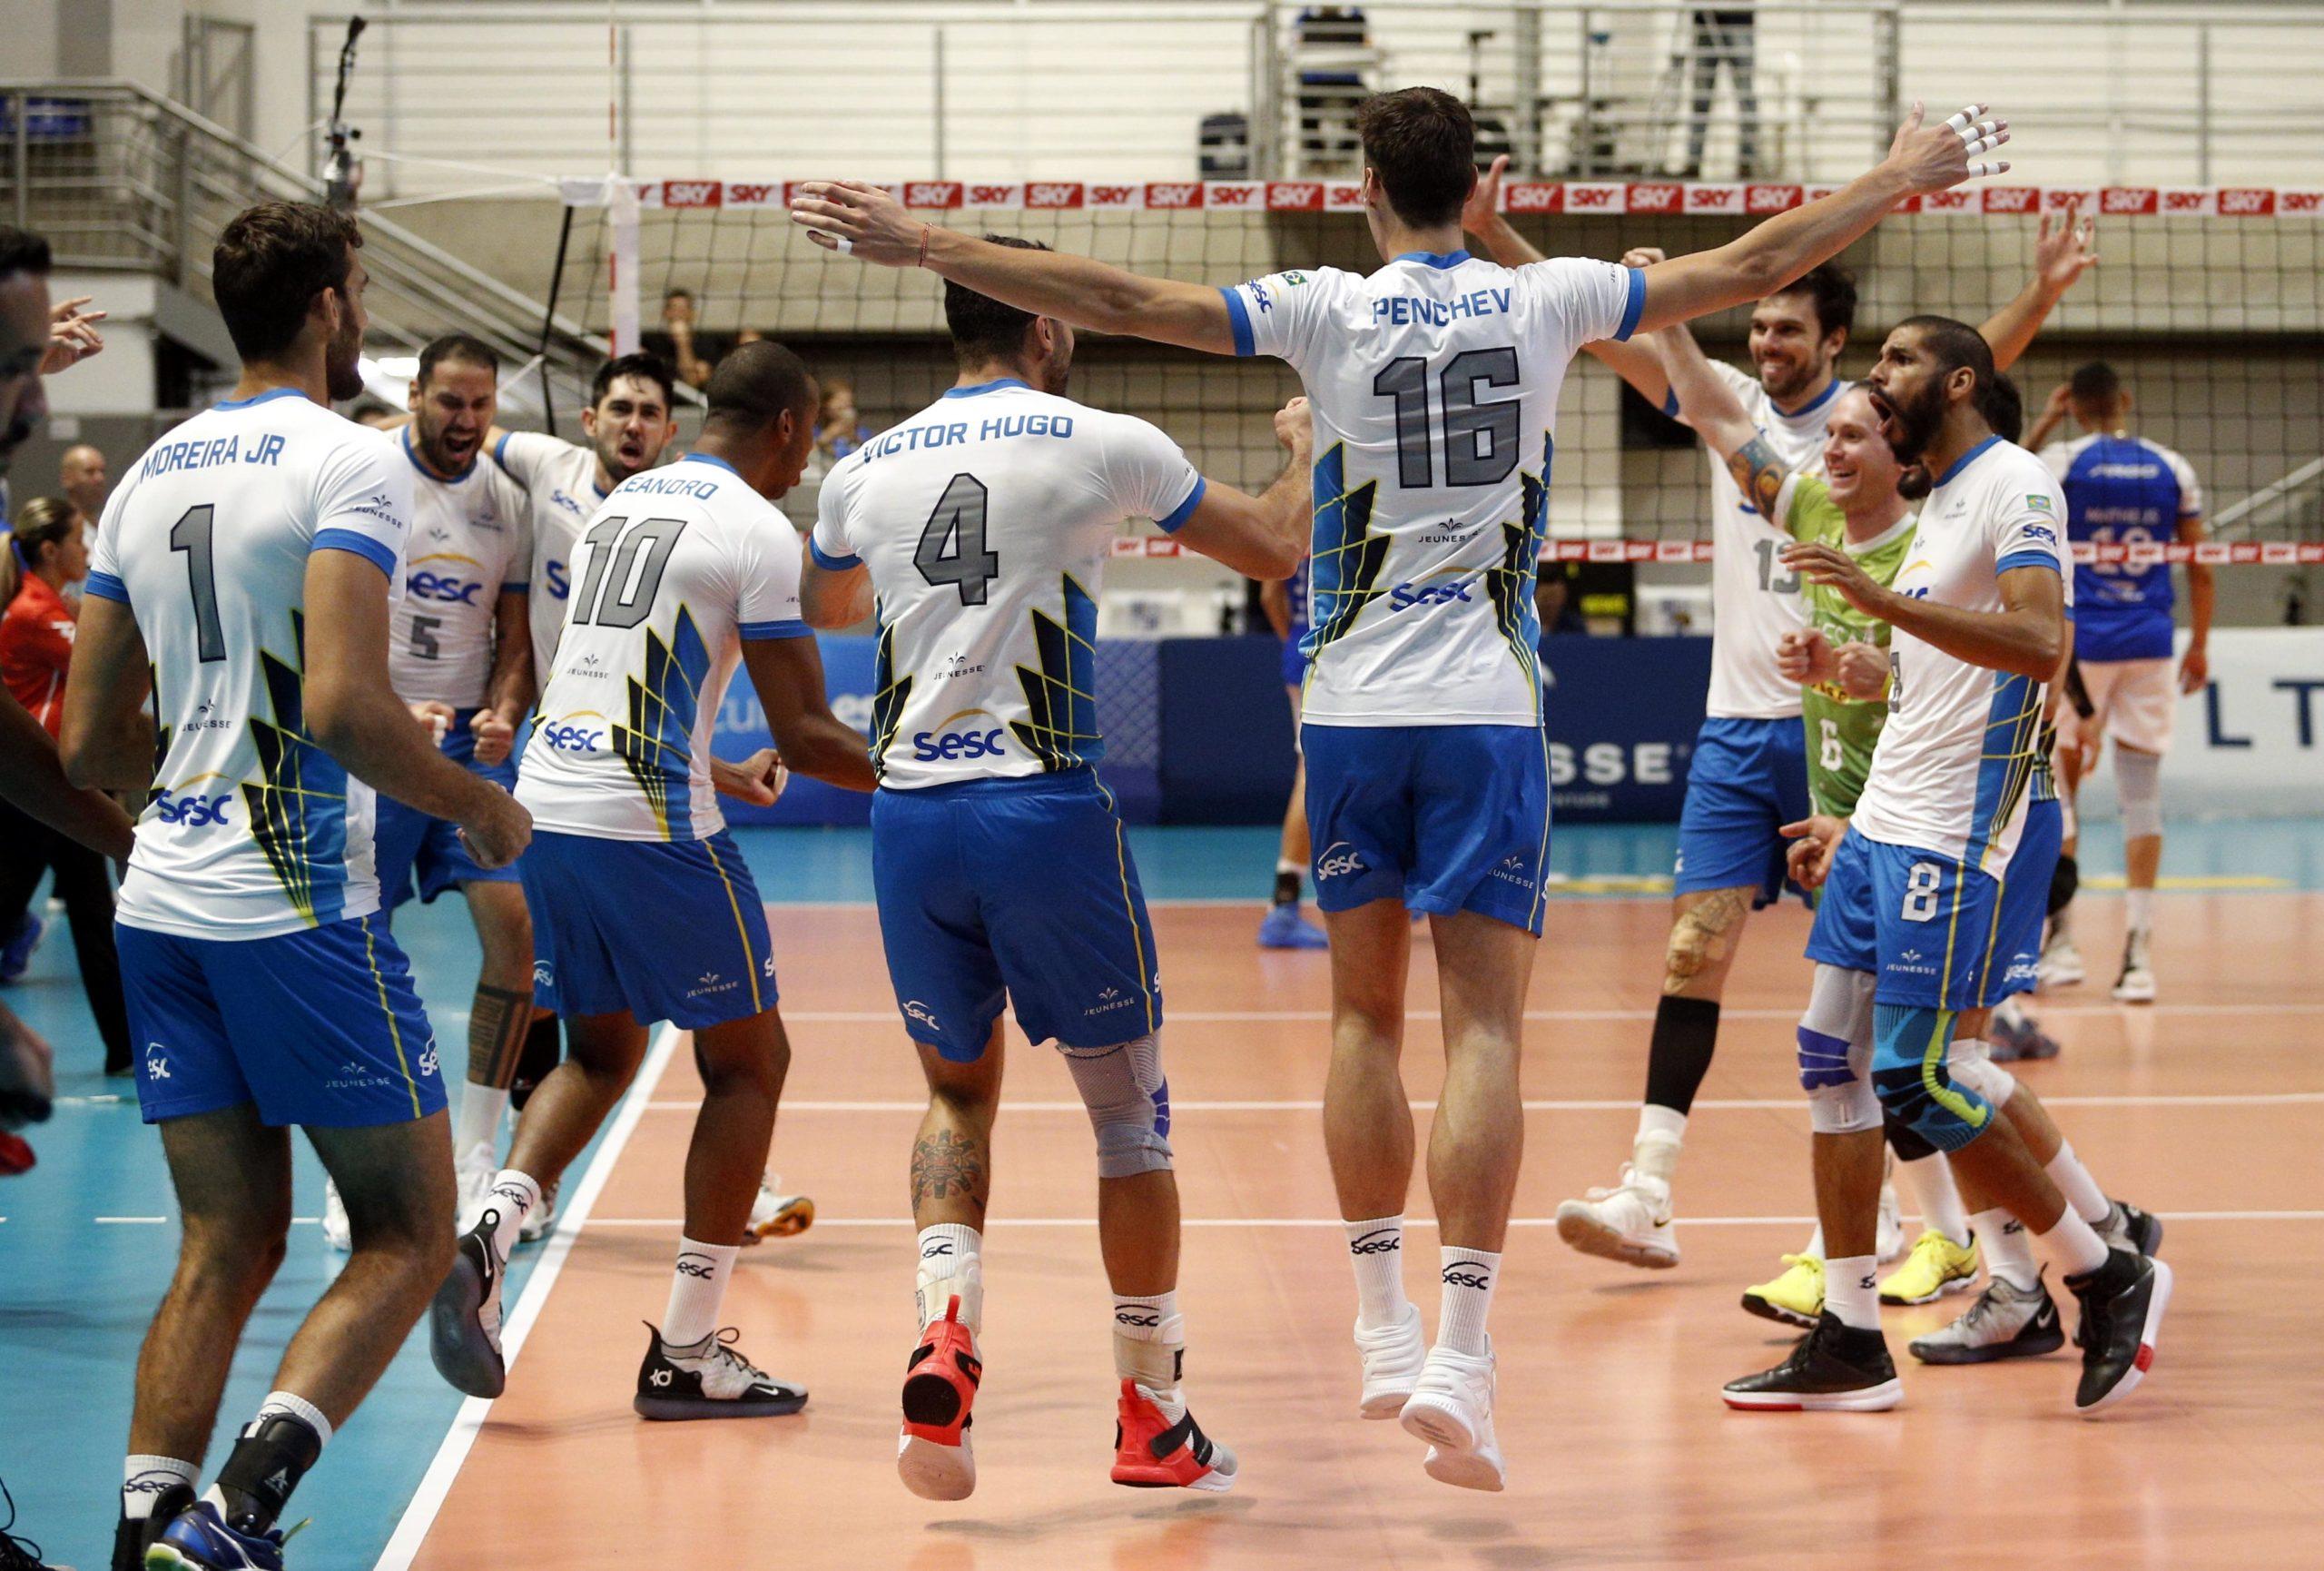 Festa do Sesc RJ, classificado para a semifinal da Superliga